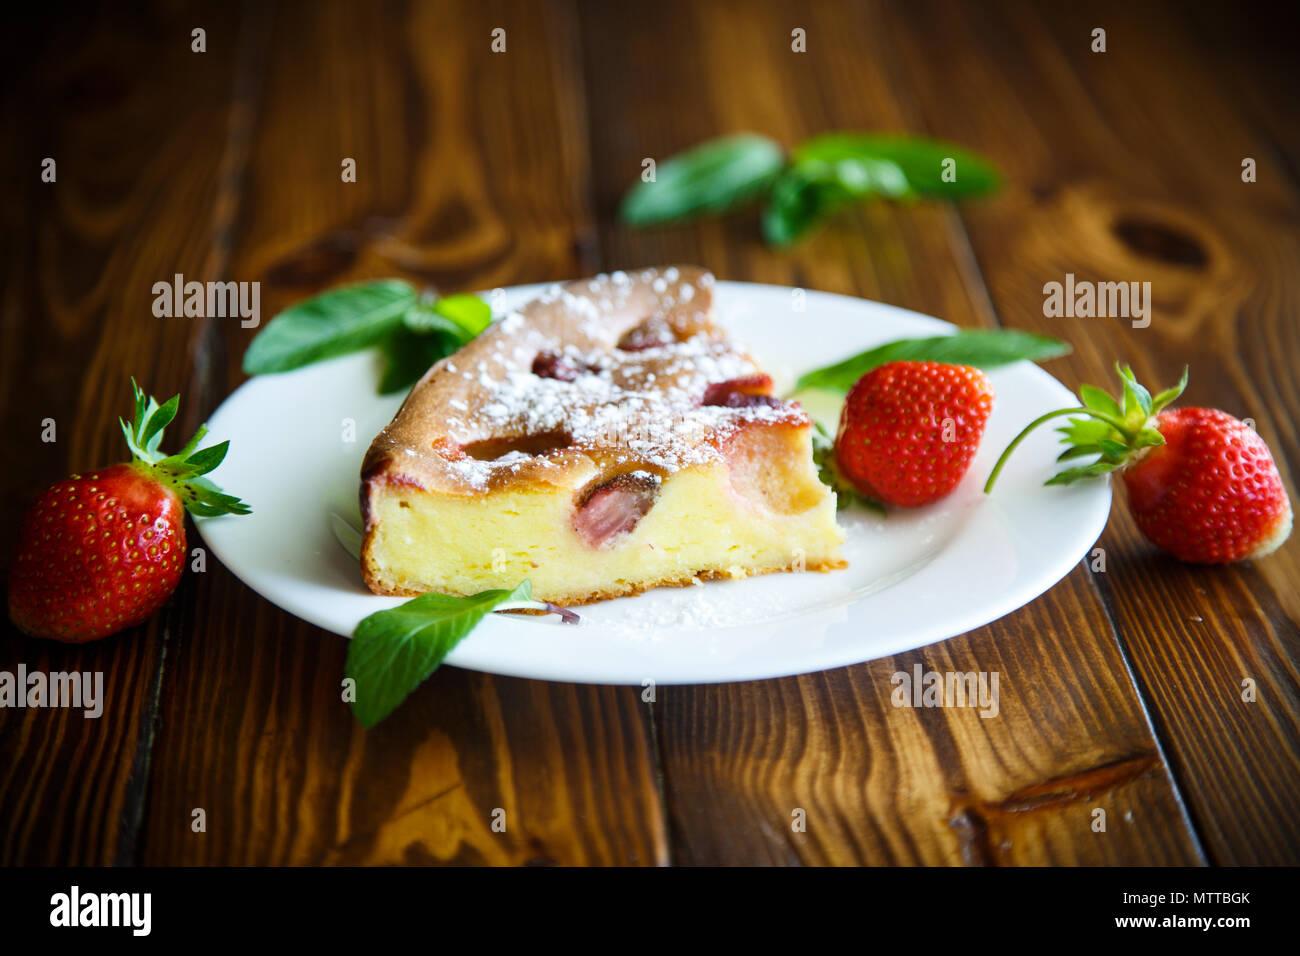 Hüttenkäse süßer Auflauf mit Erdbeeren auf einem Holztisch Stockbild